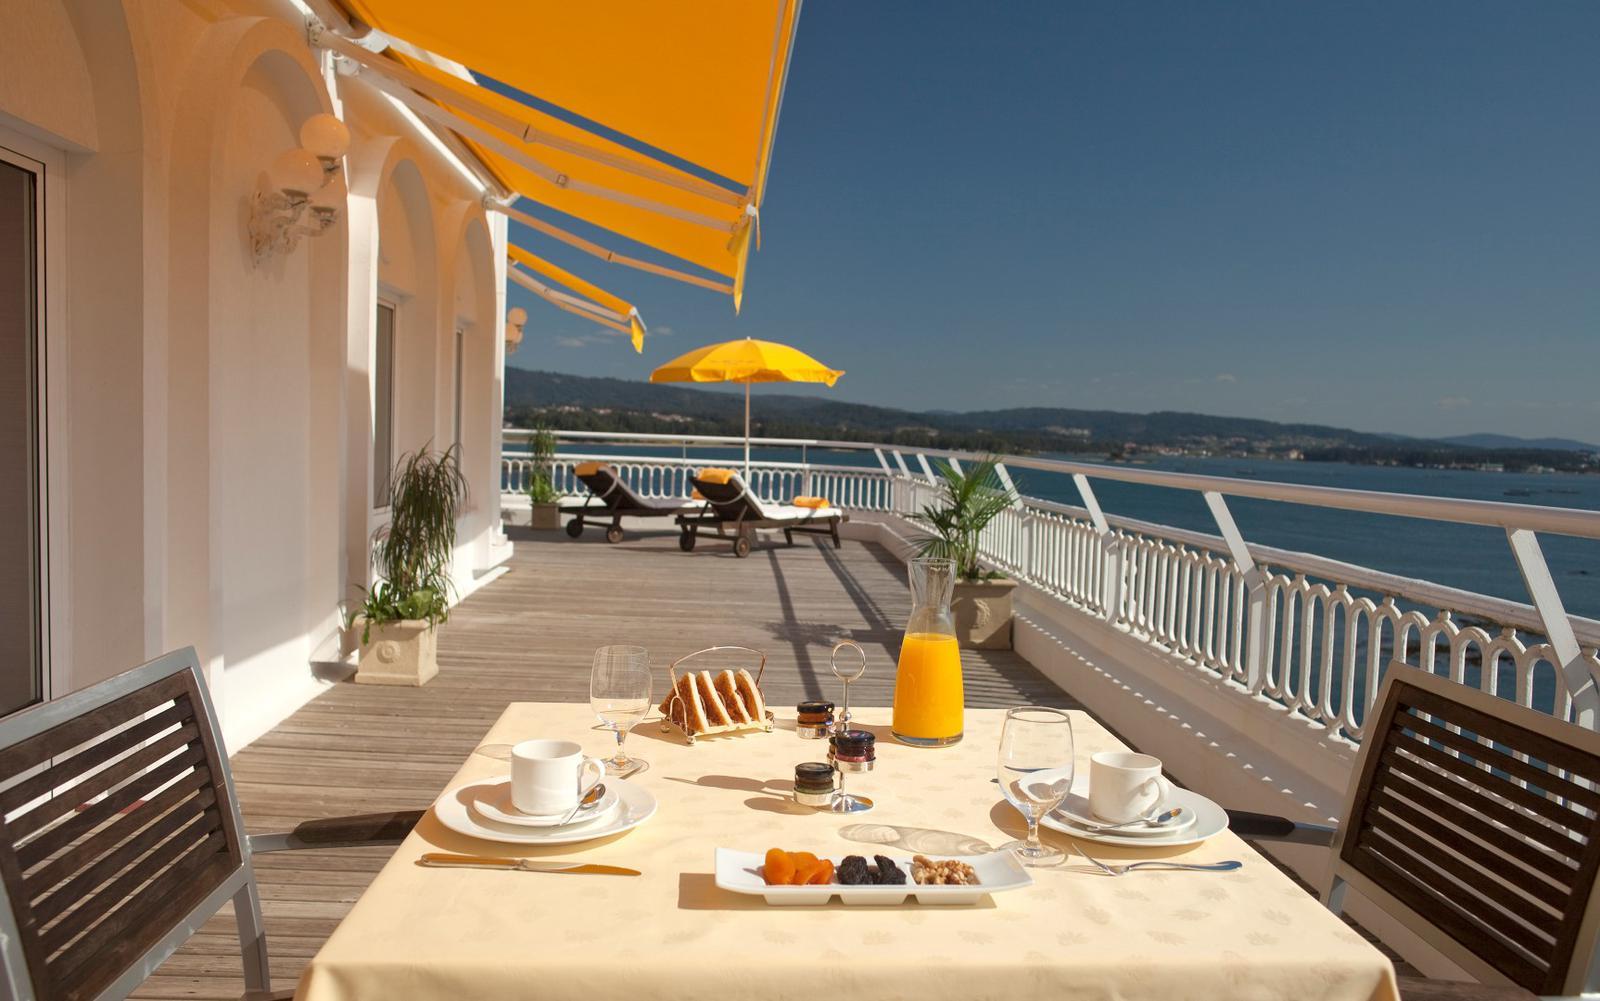 hoteles de playa Habitación con terraza y vistas al mar en jhotel balneario La Toja